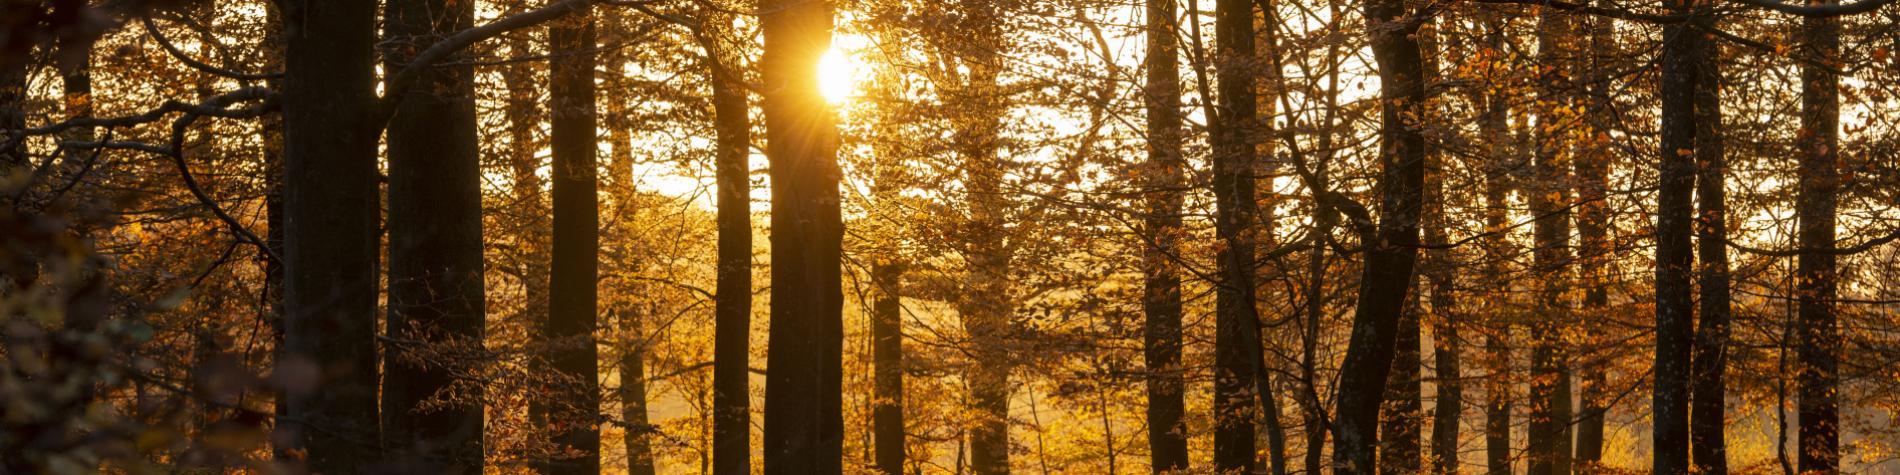 Maison du Tourisme - Wallonie nature - forêt